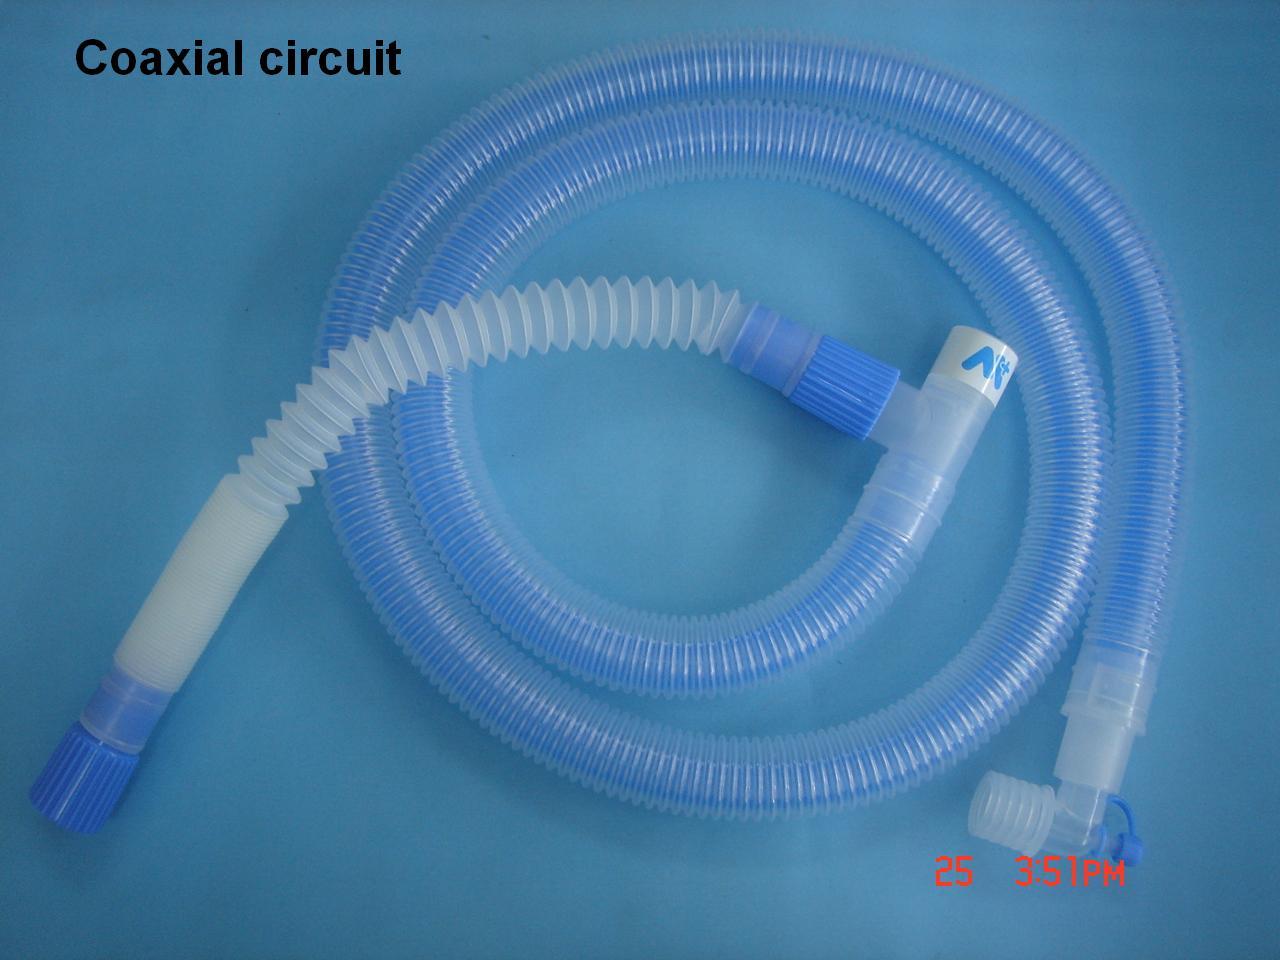 Circuito Bain : Médico bain circuito buy equipos médicos circuito de respiración